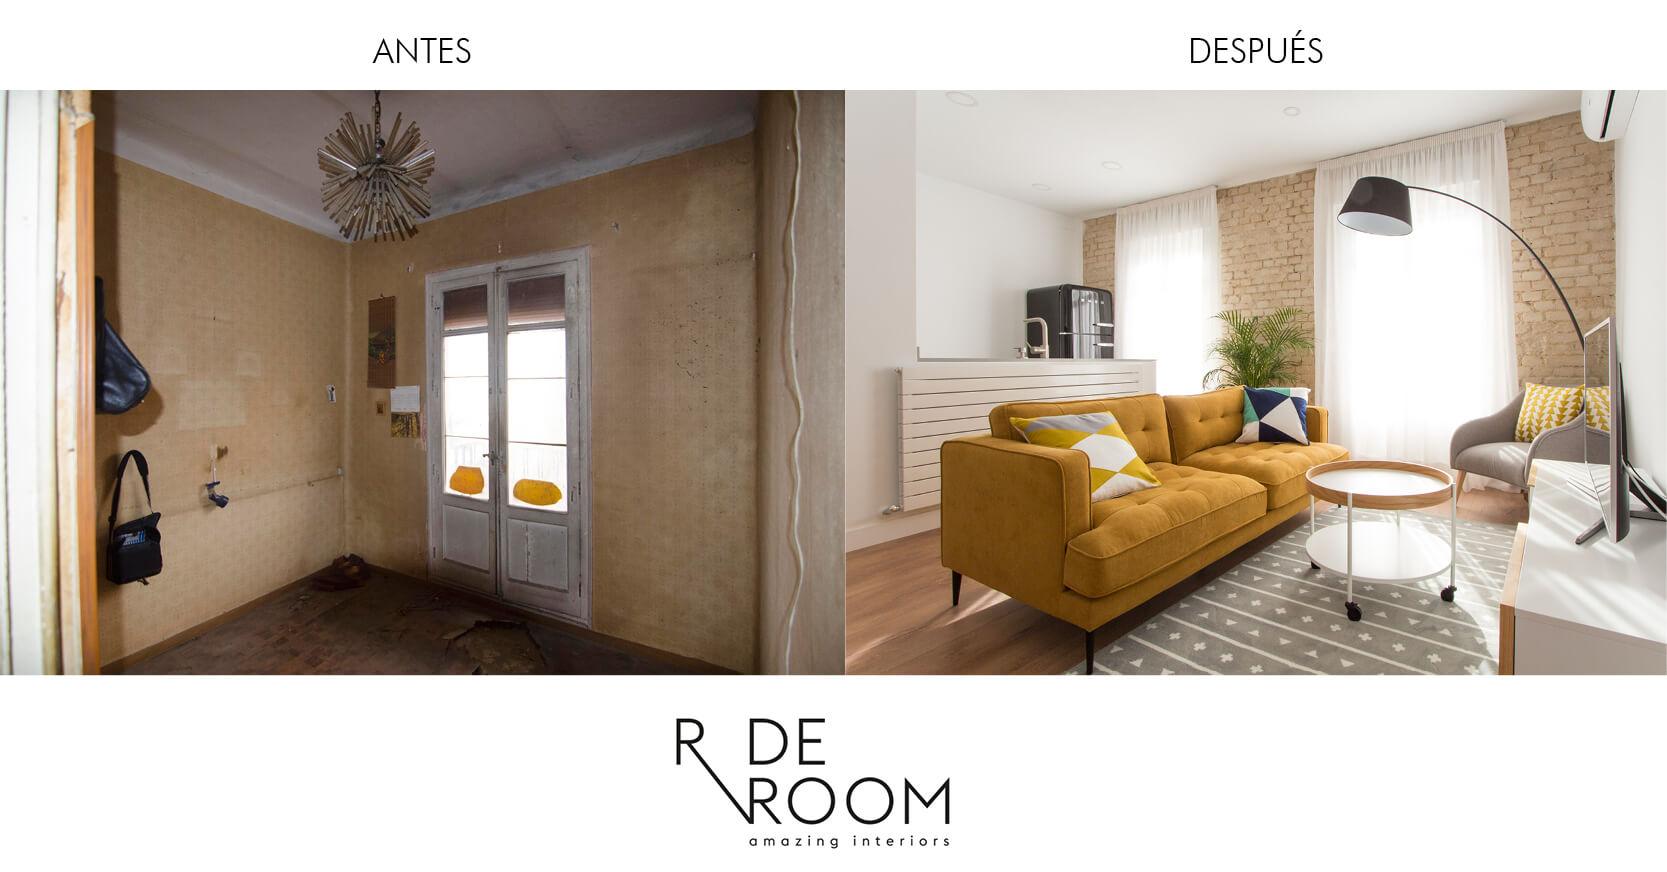 Antes y después vivienda Cristóbal Bordiú II. Proyecto de R de Room.